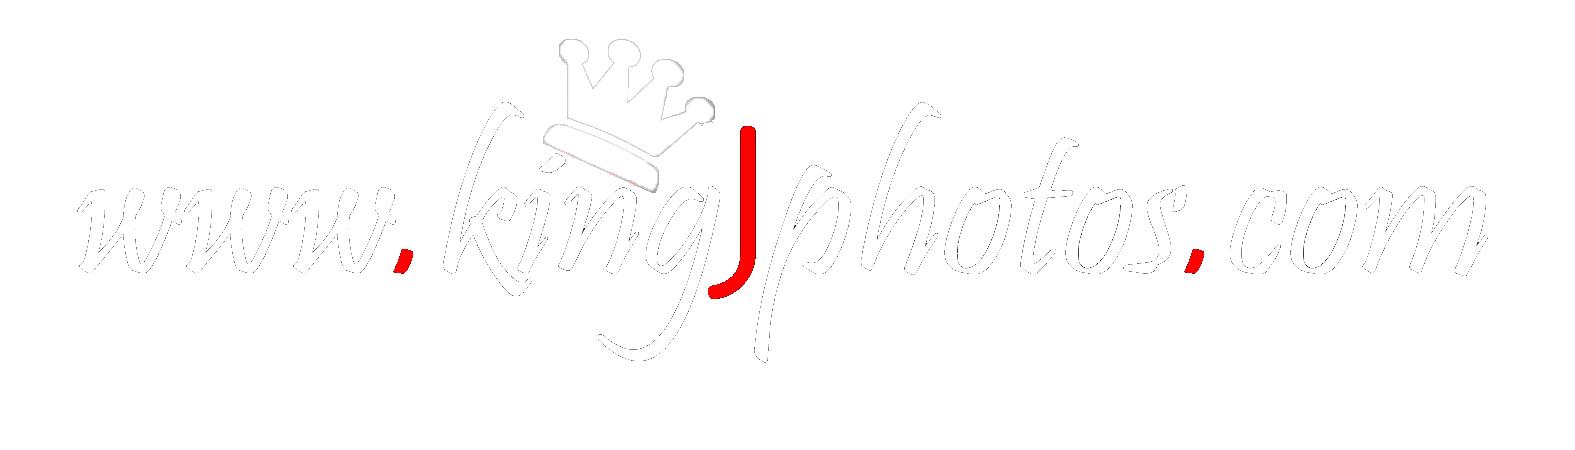 kingJphotos.com